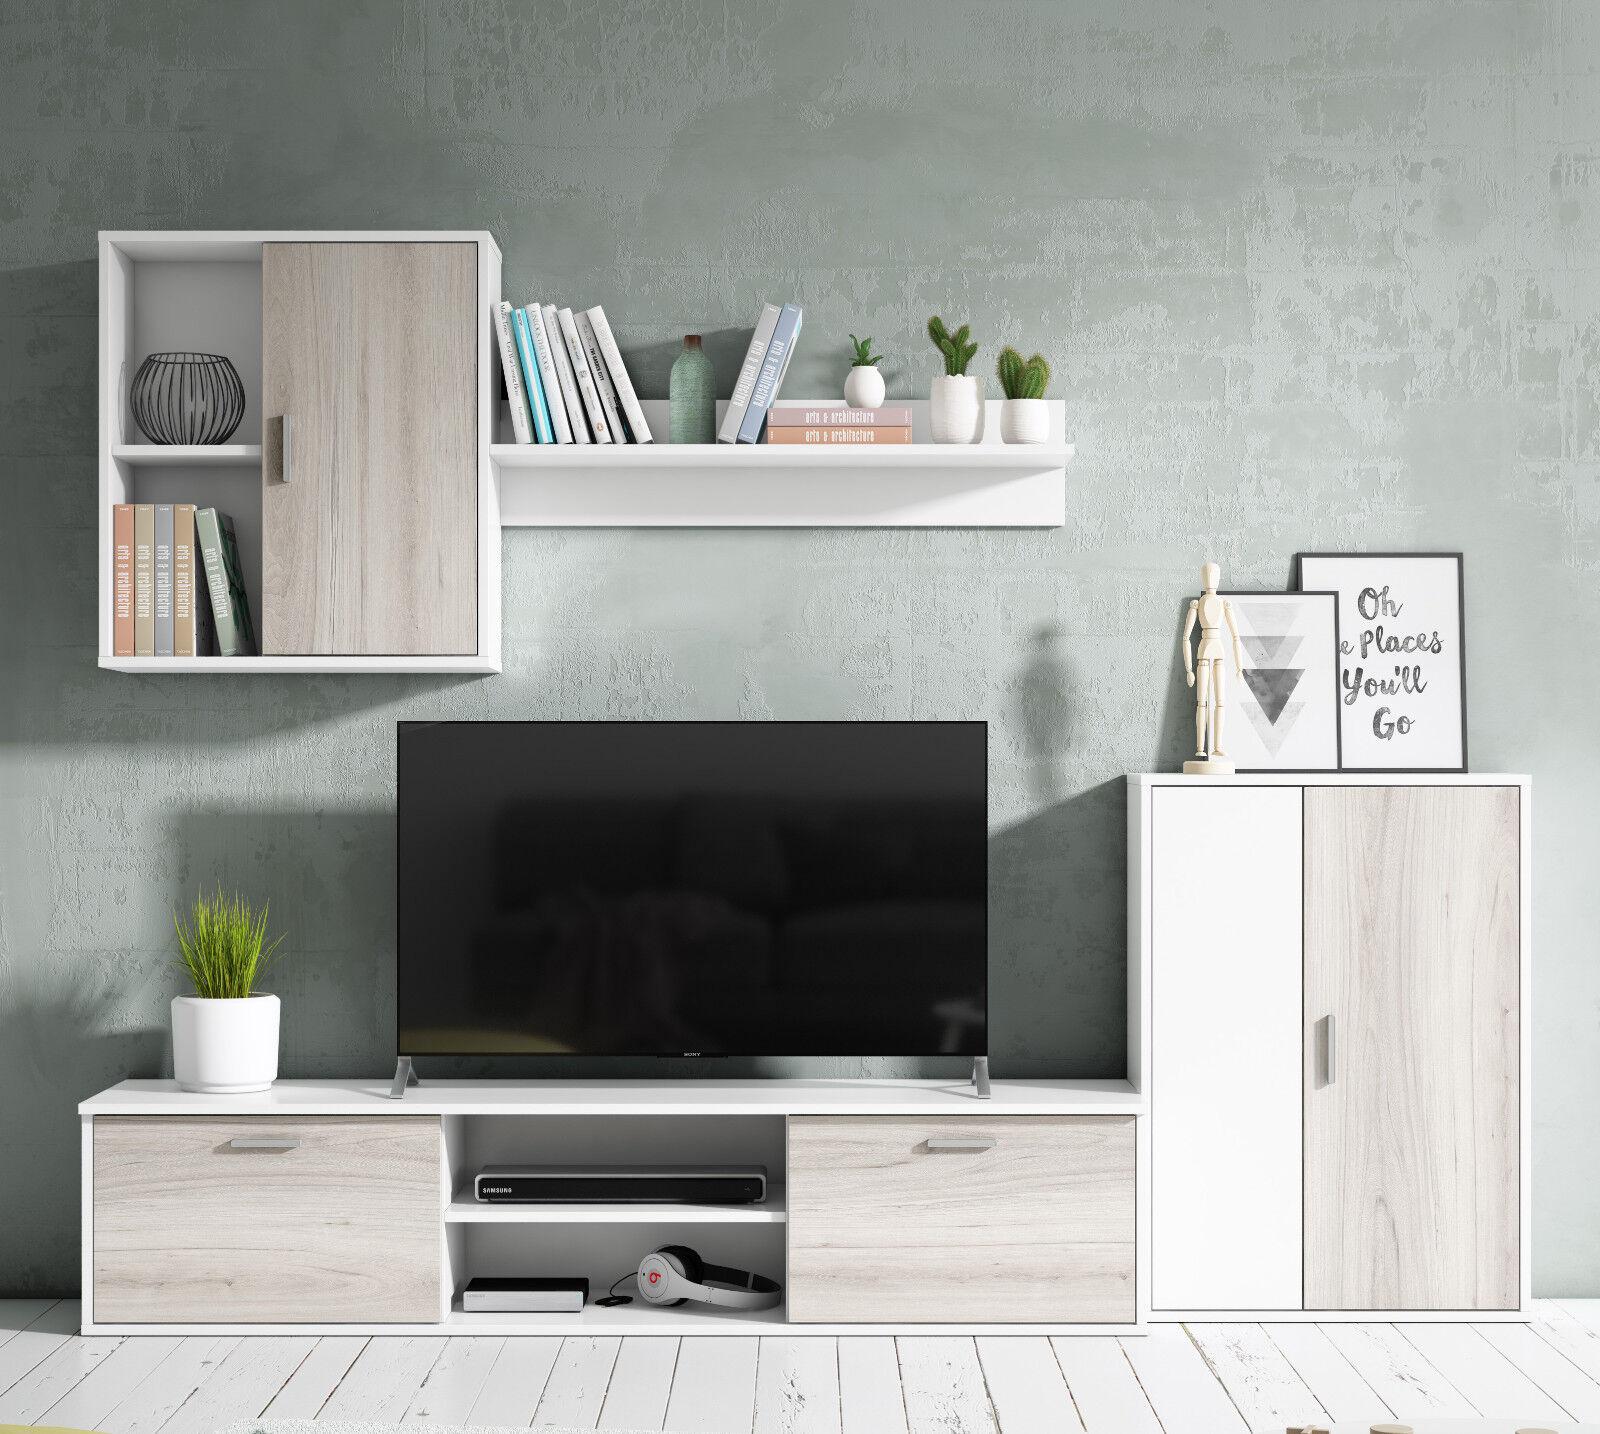 Mueble salon comedor bajo modulo colgante y armario color blanco y shamal